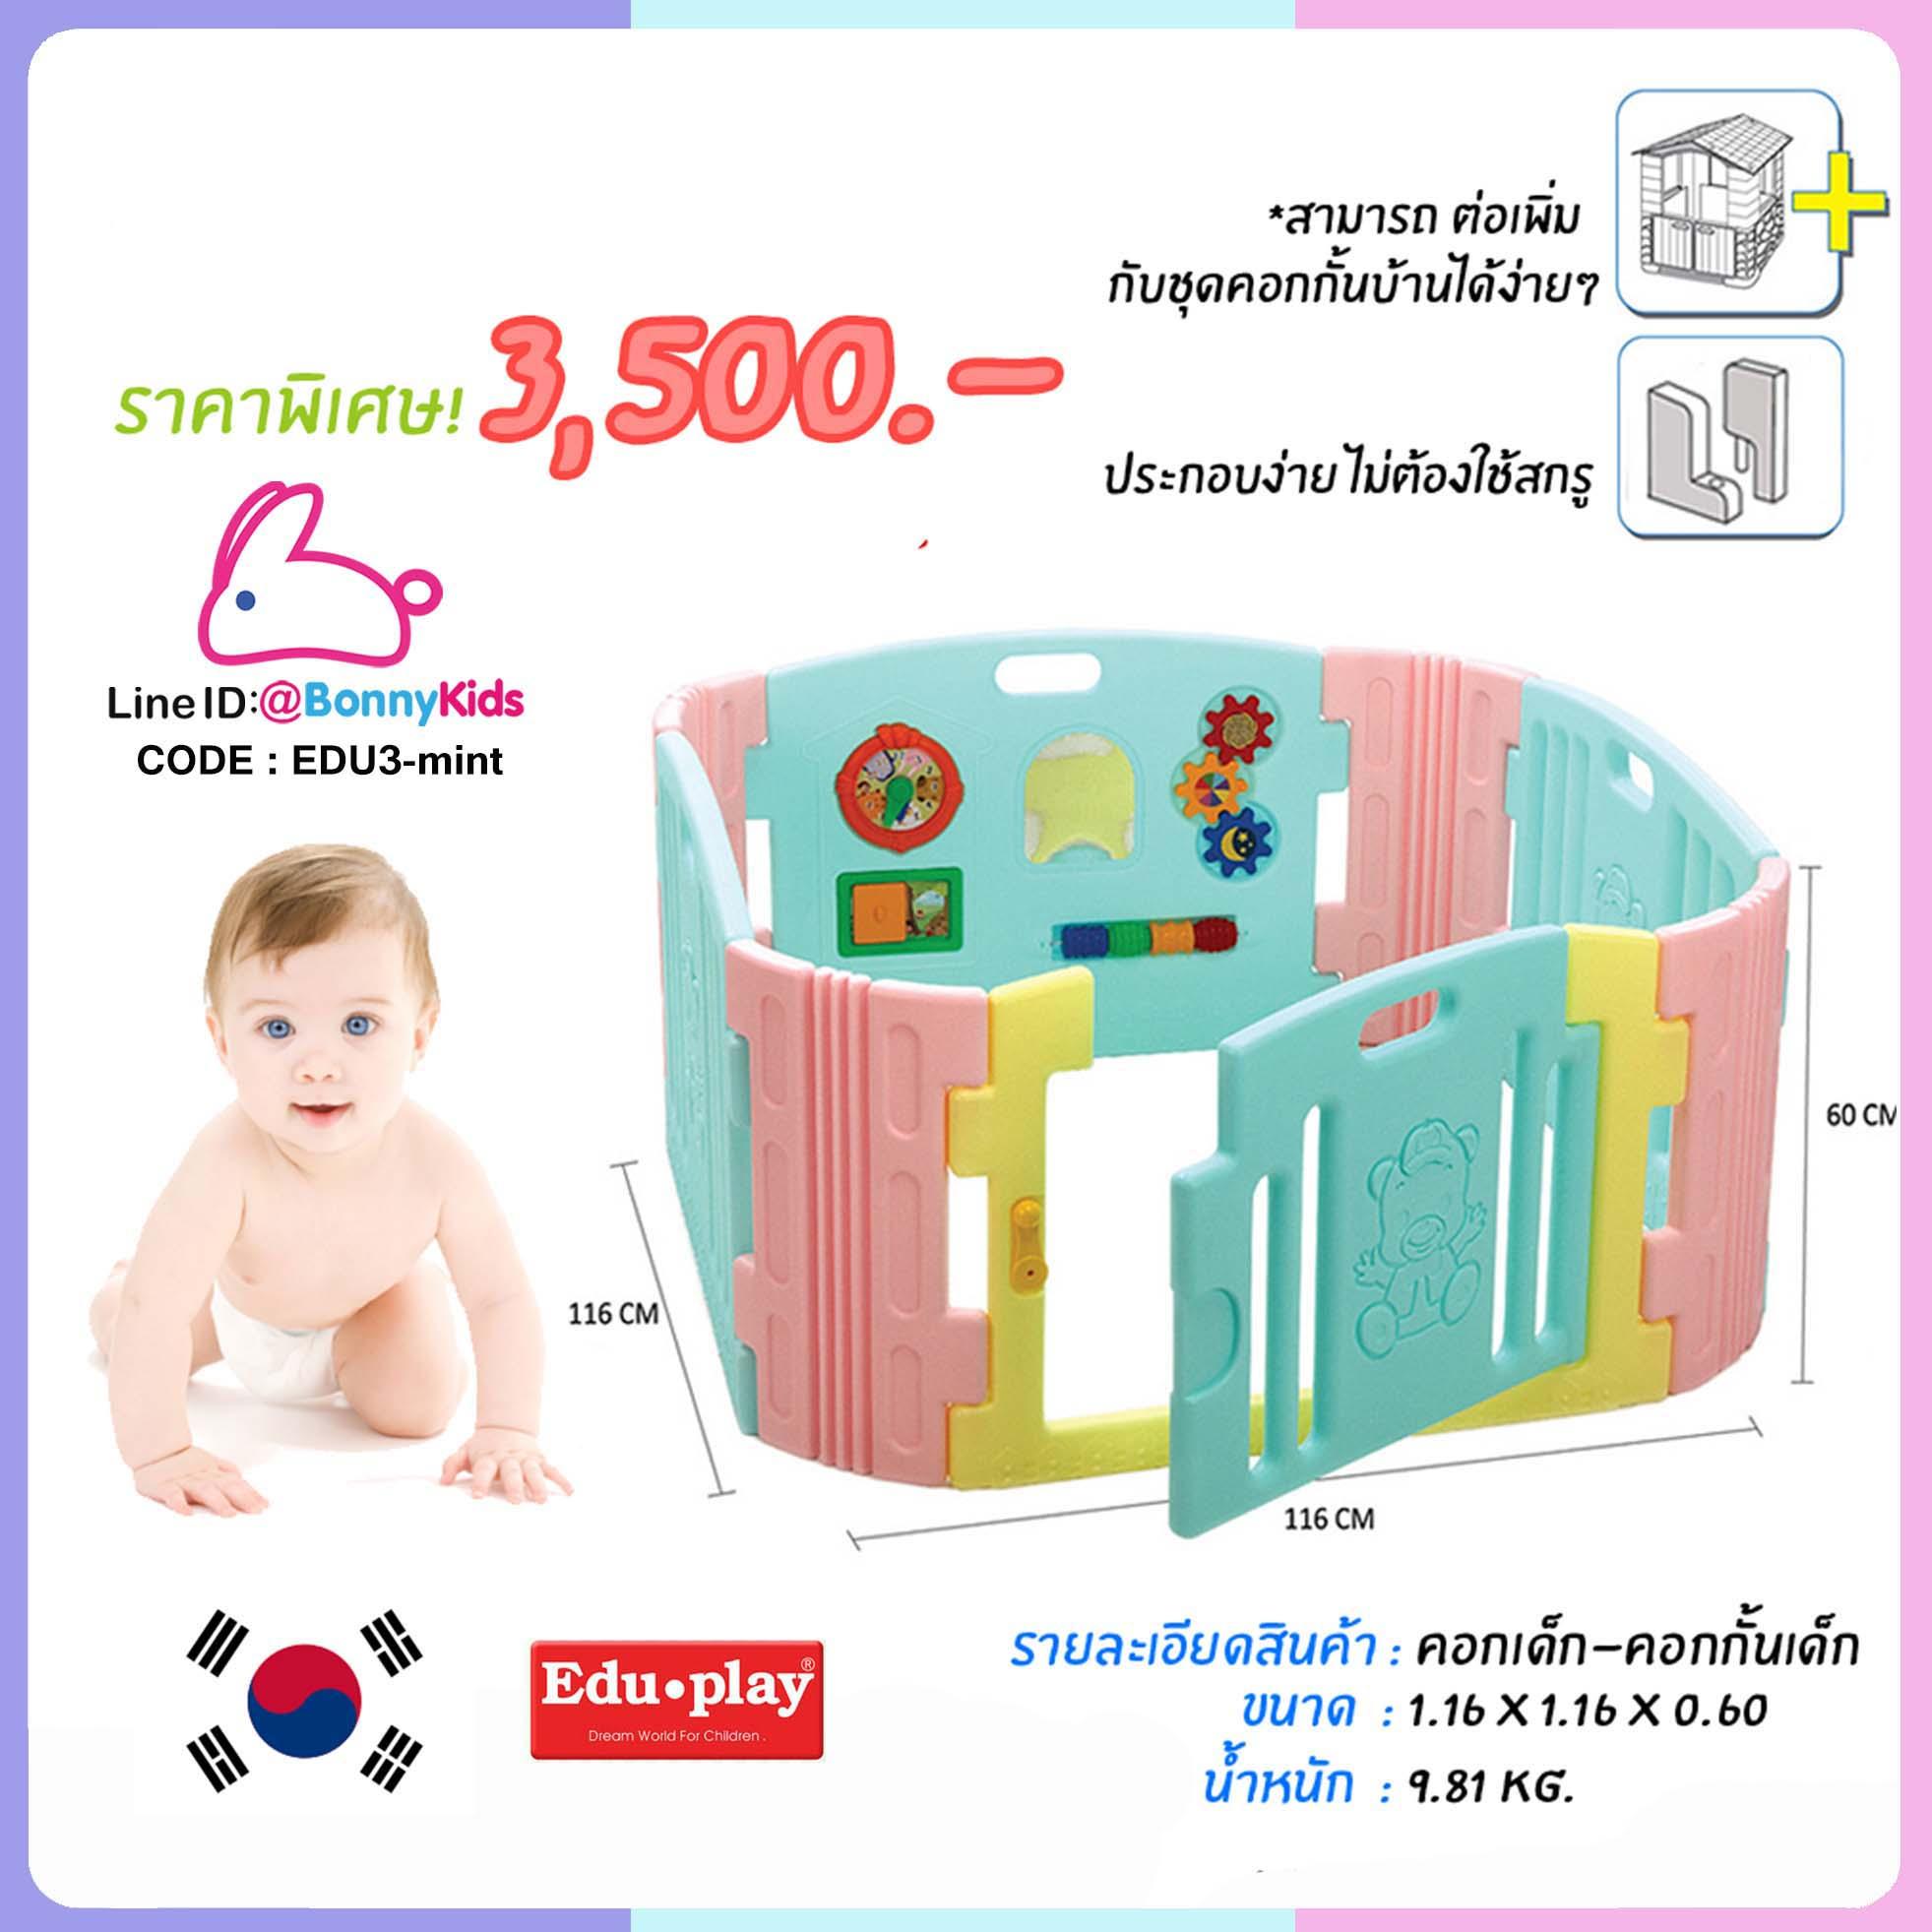 คอกกั้นเด็ก Edu Play รุ่น Happy Baby Room นำเข้าจากเกาหลี สีมิ้นท์